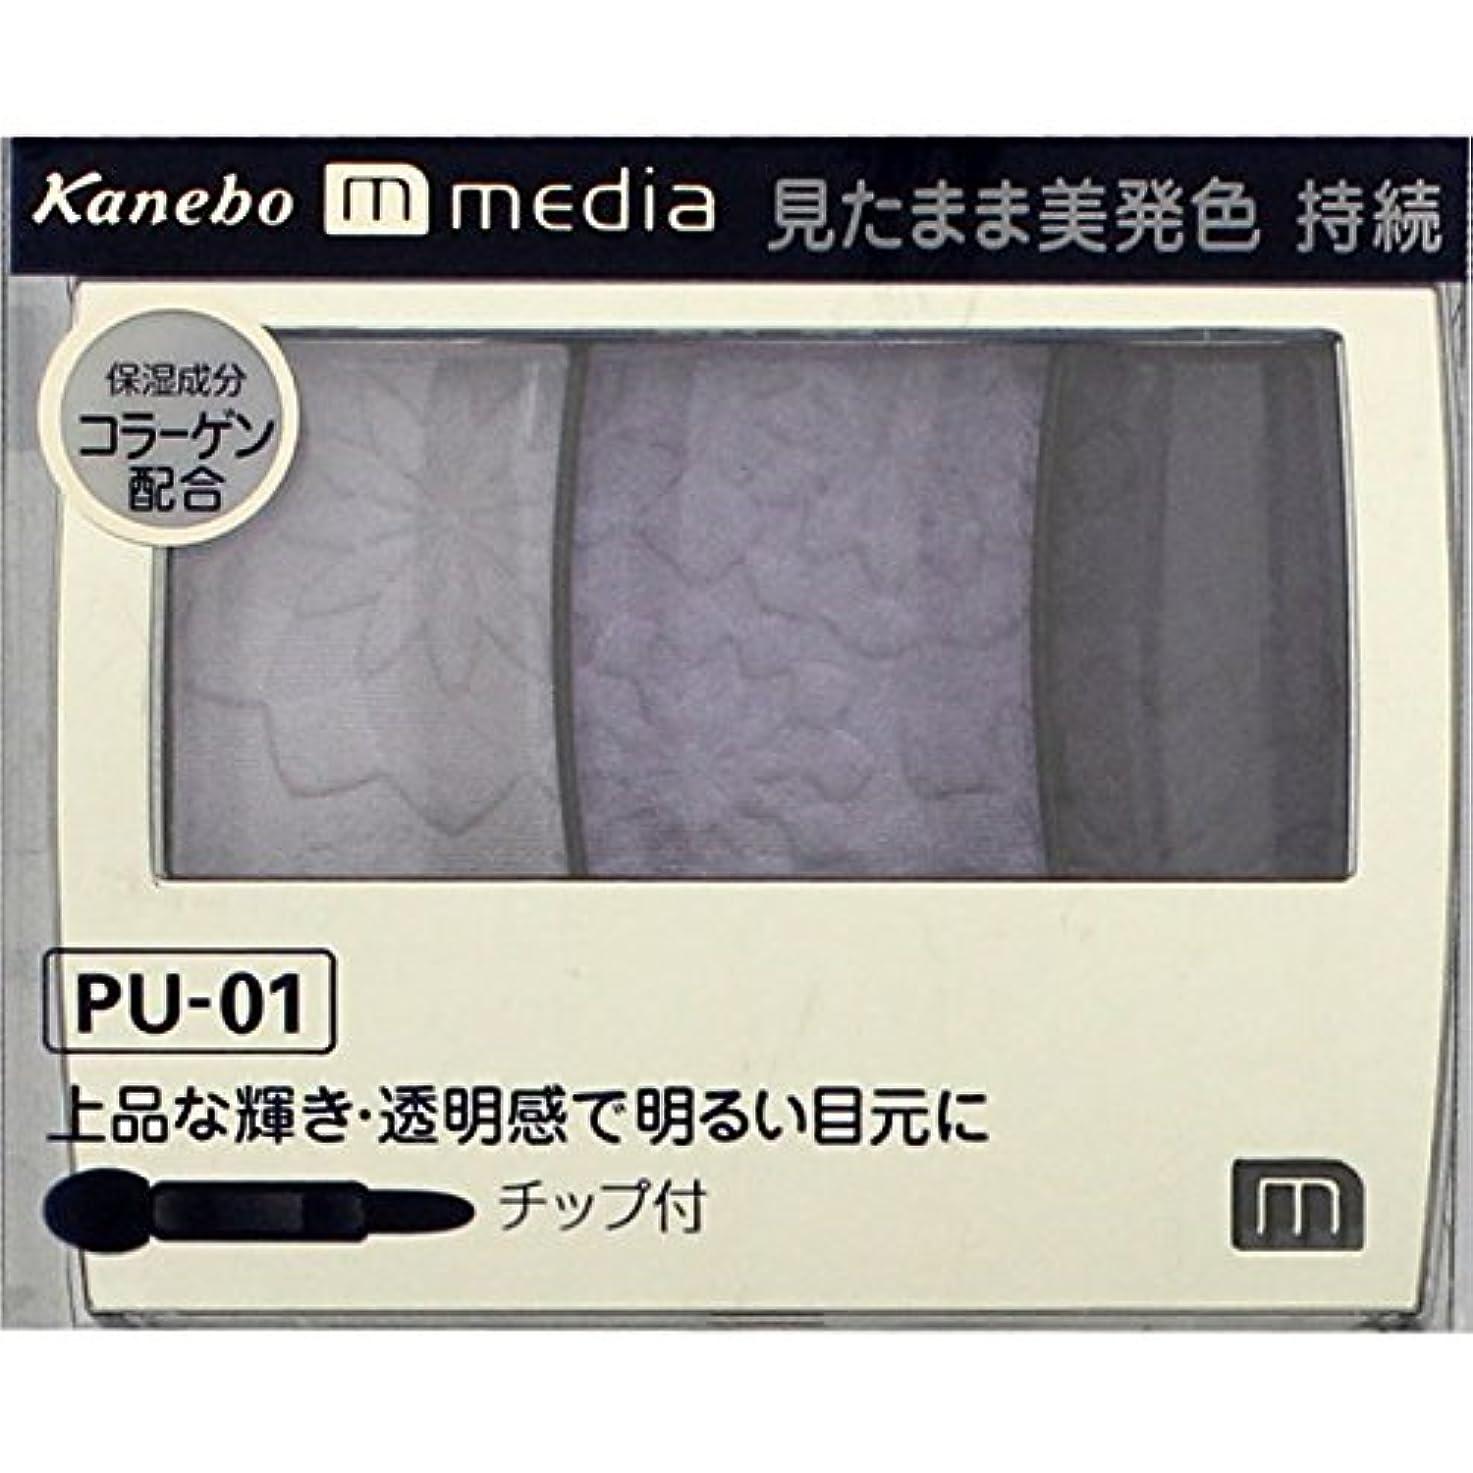 ネズミ悩み試してみるカネボウ メディア(media)グラデカラーアイシャドウ カラー:PU-01